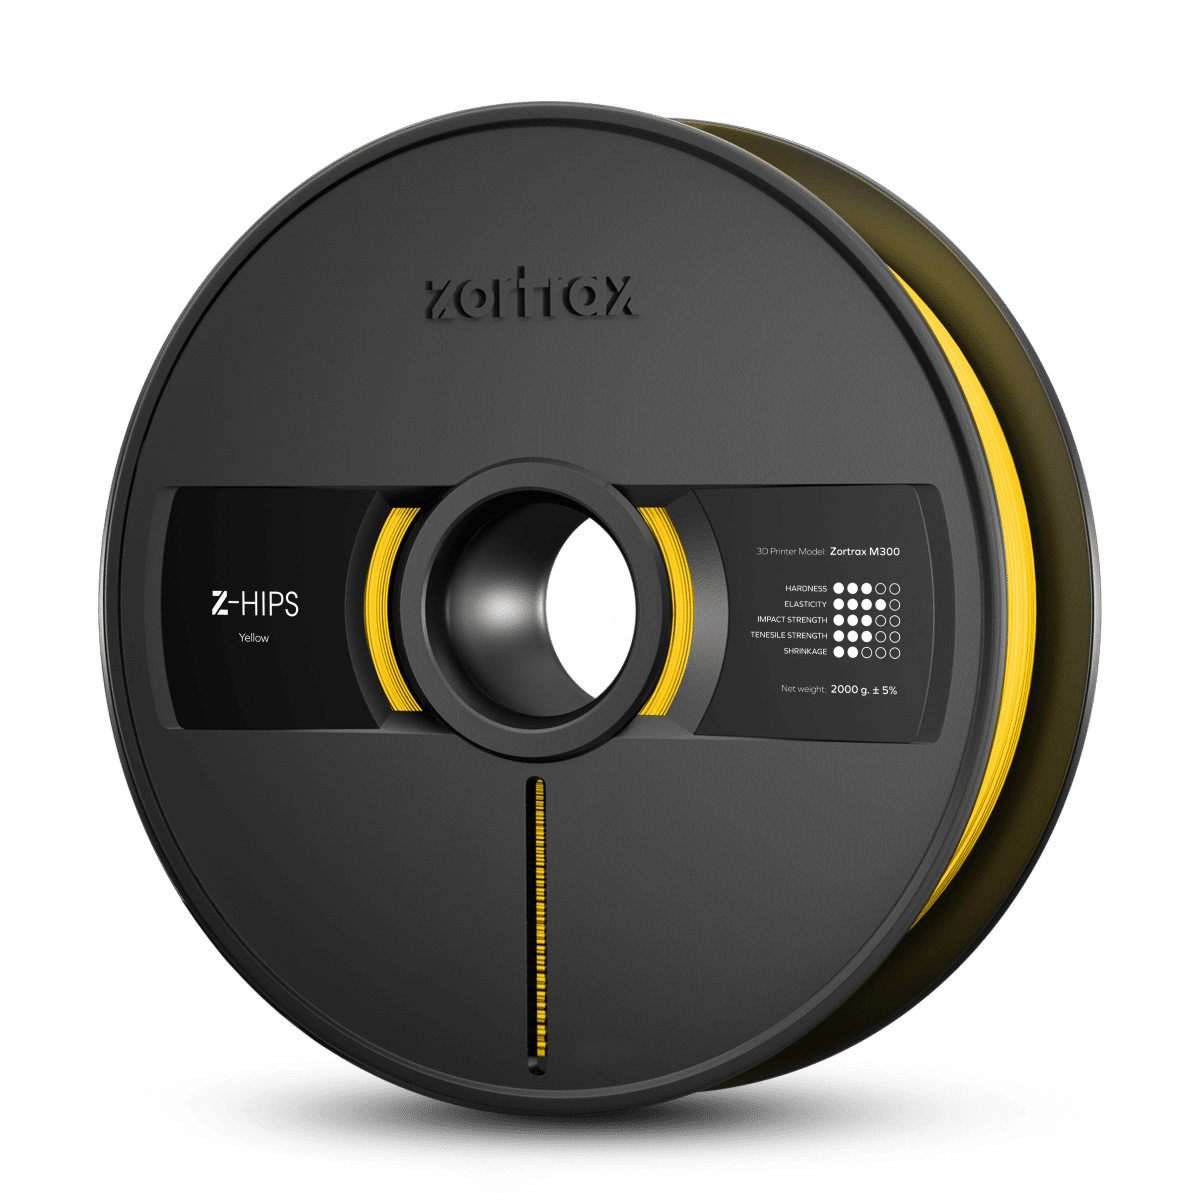 Billede af Zortrax Z-HIPS - M300 - 1.75 mm - 2 kg - Yellow